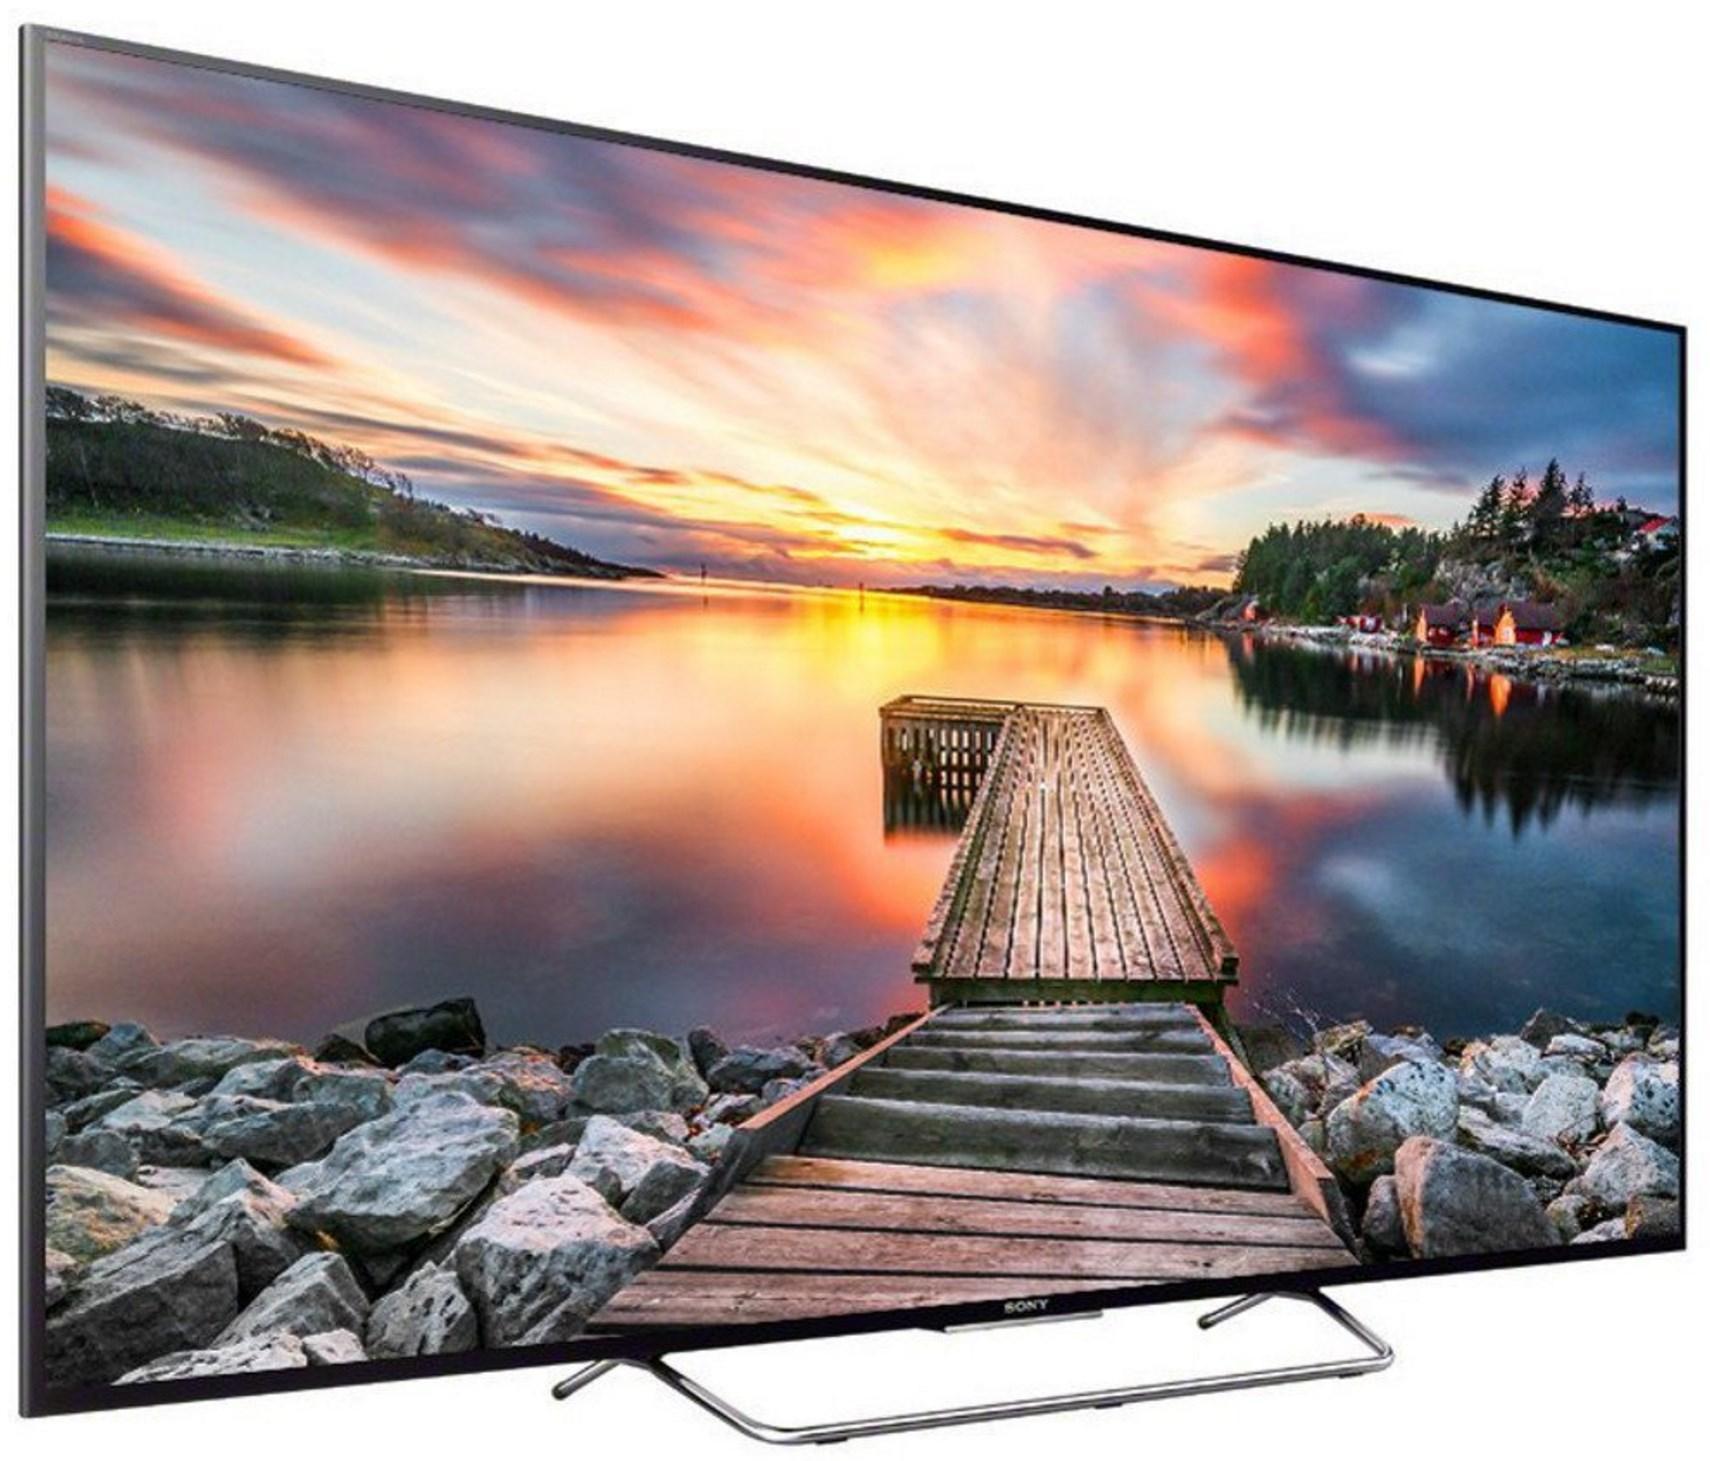 """TV 50"""" Sony KDL-50W805C - Full HD, SmartTV, 126cm"""